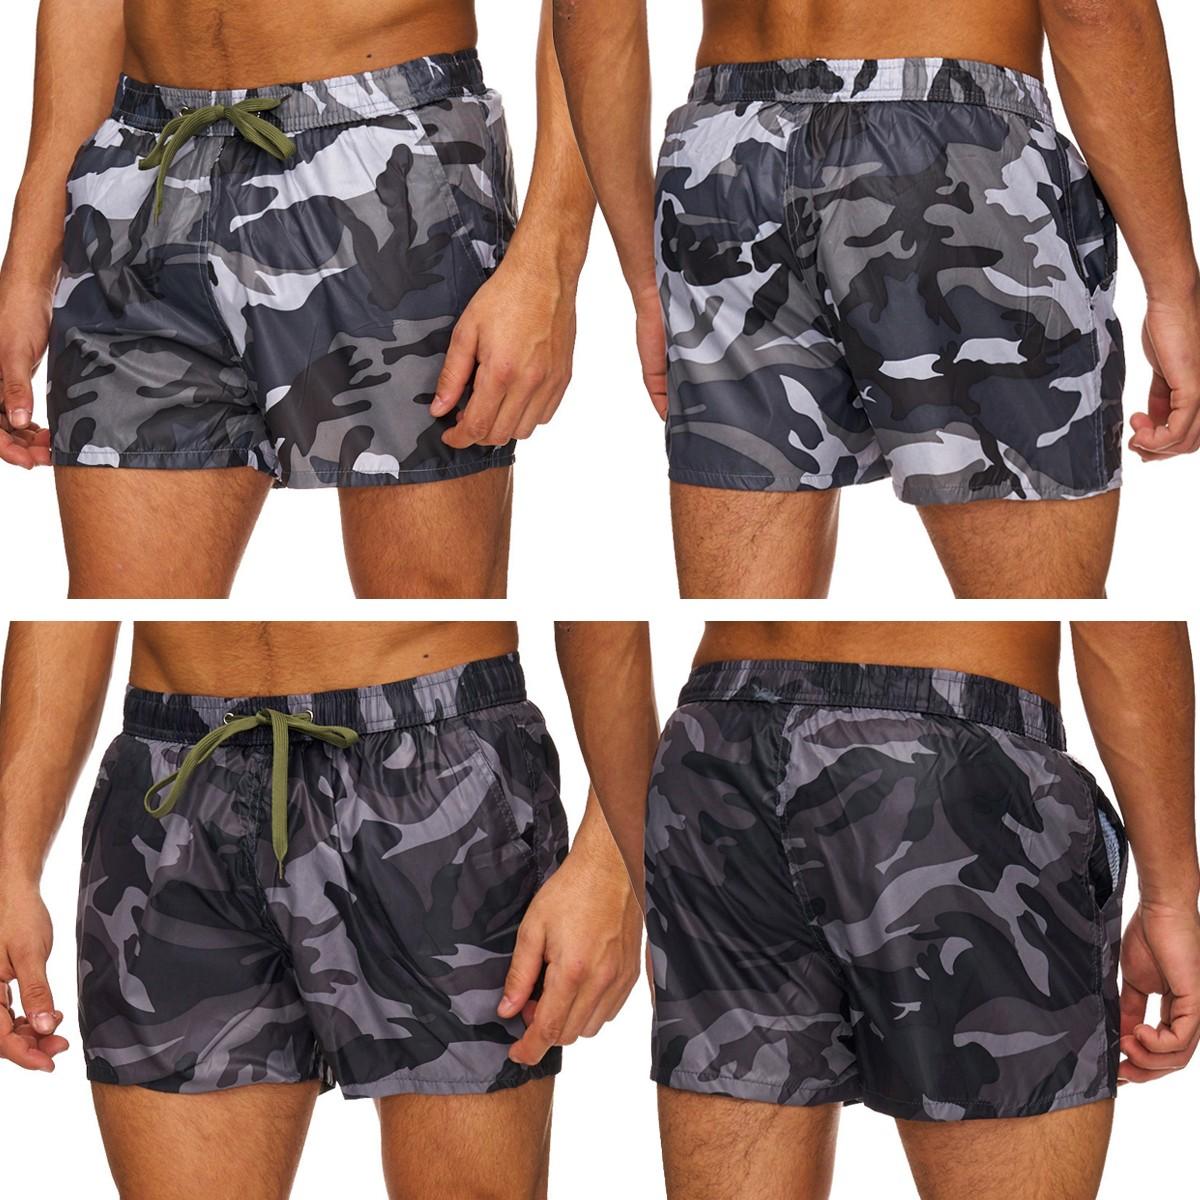 ddc3d5706a76fc Herren Camouflage Badeshorts Beachwear Schwimmhose Shorts Badehose Army  Sport AS - Nr 1763